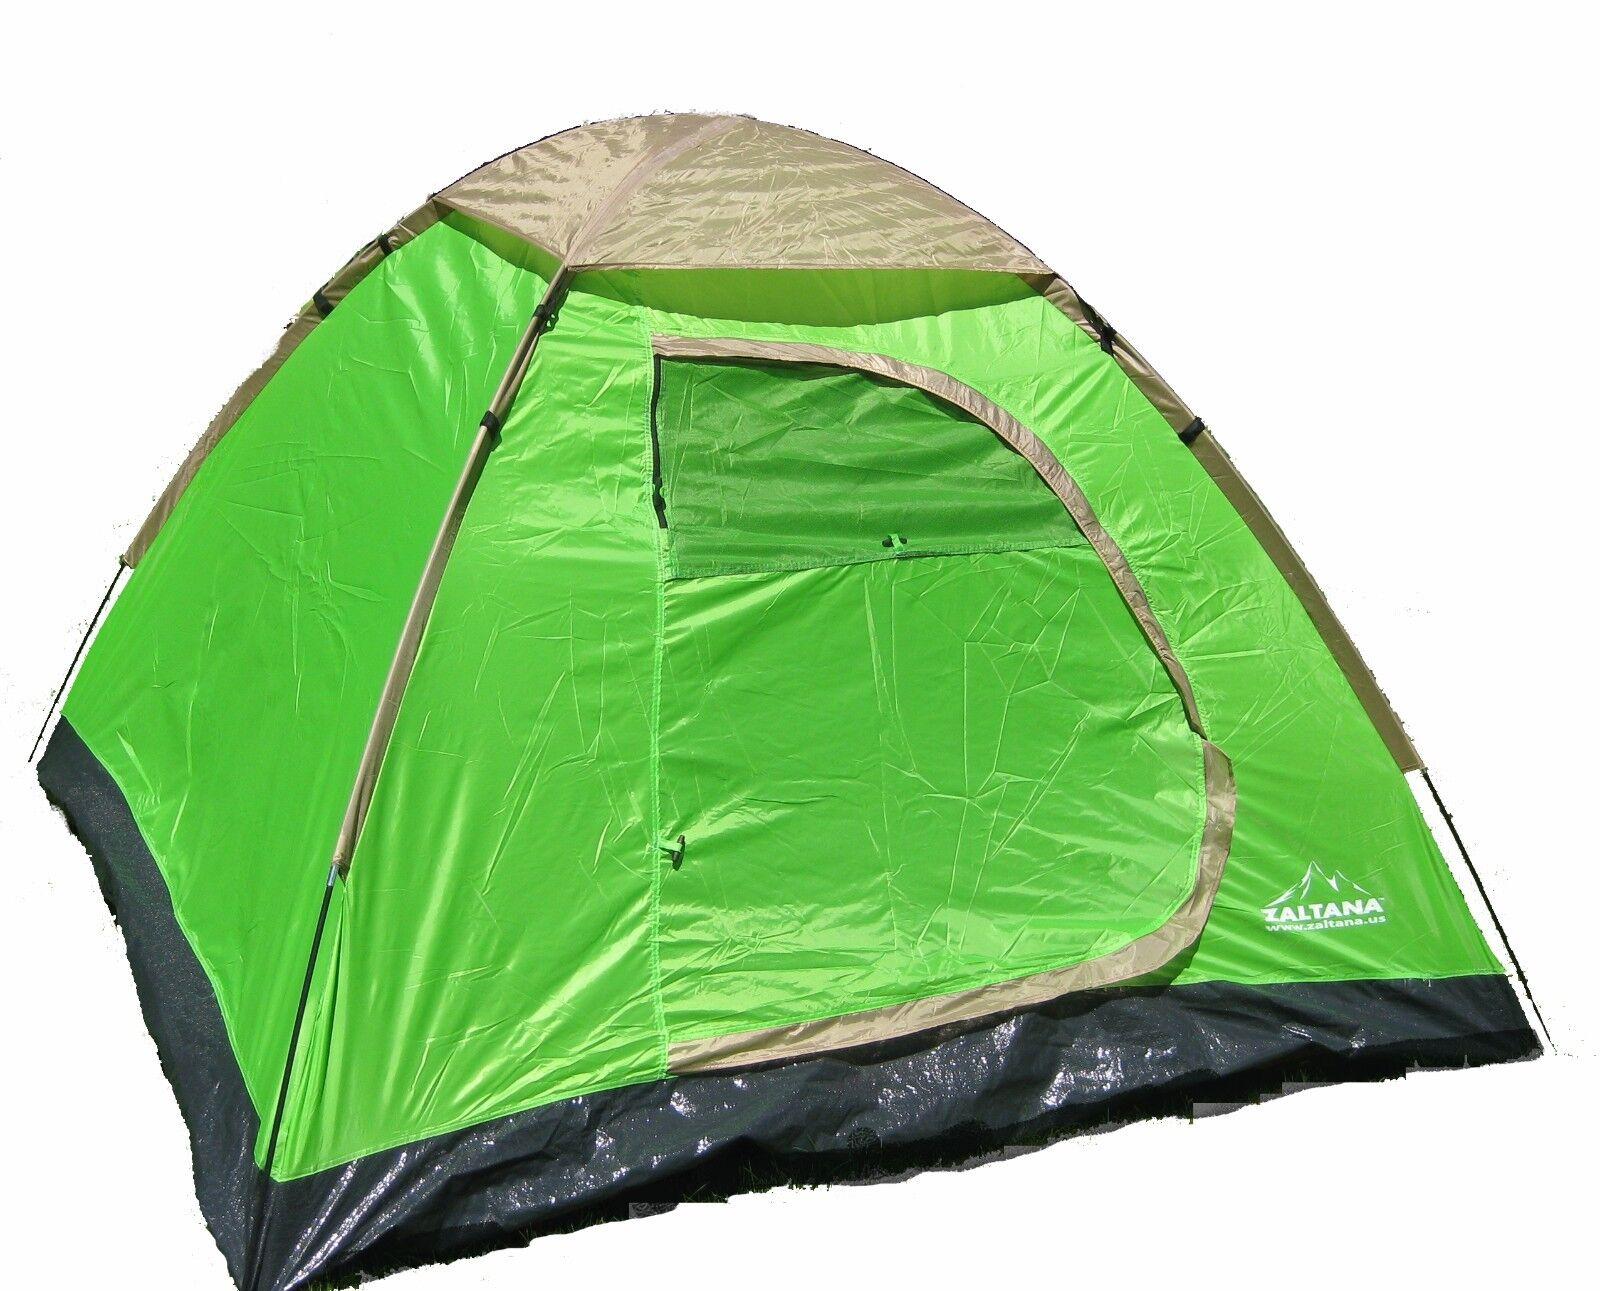 Zaltana 3 Person Dome tent (7'x7'x4'3 )